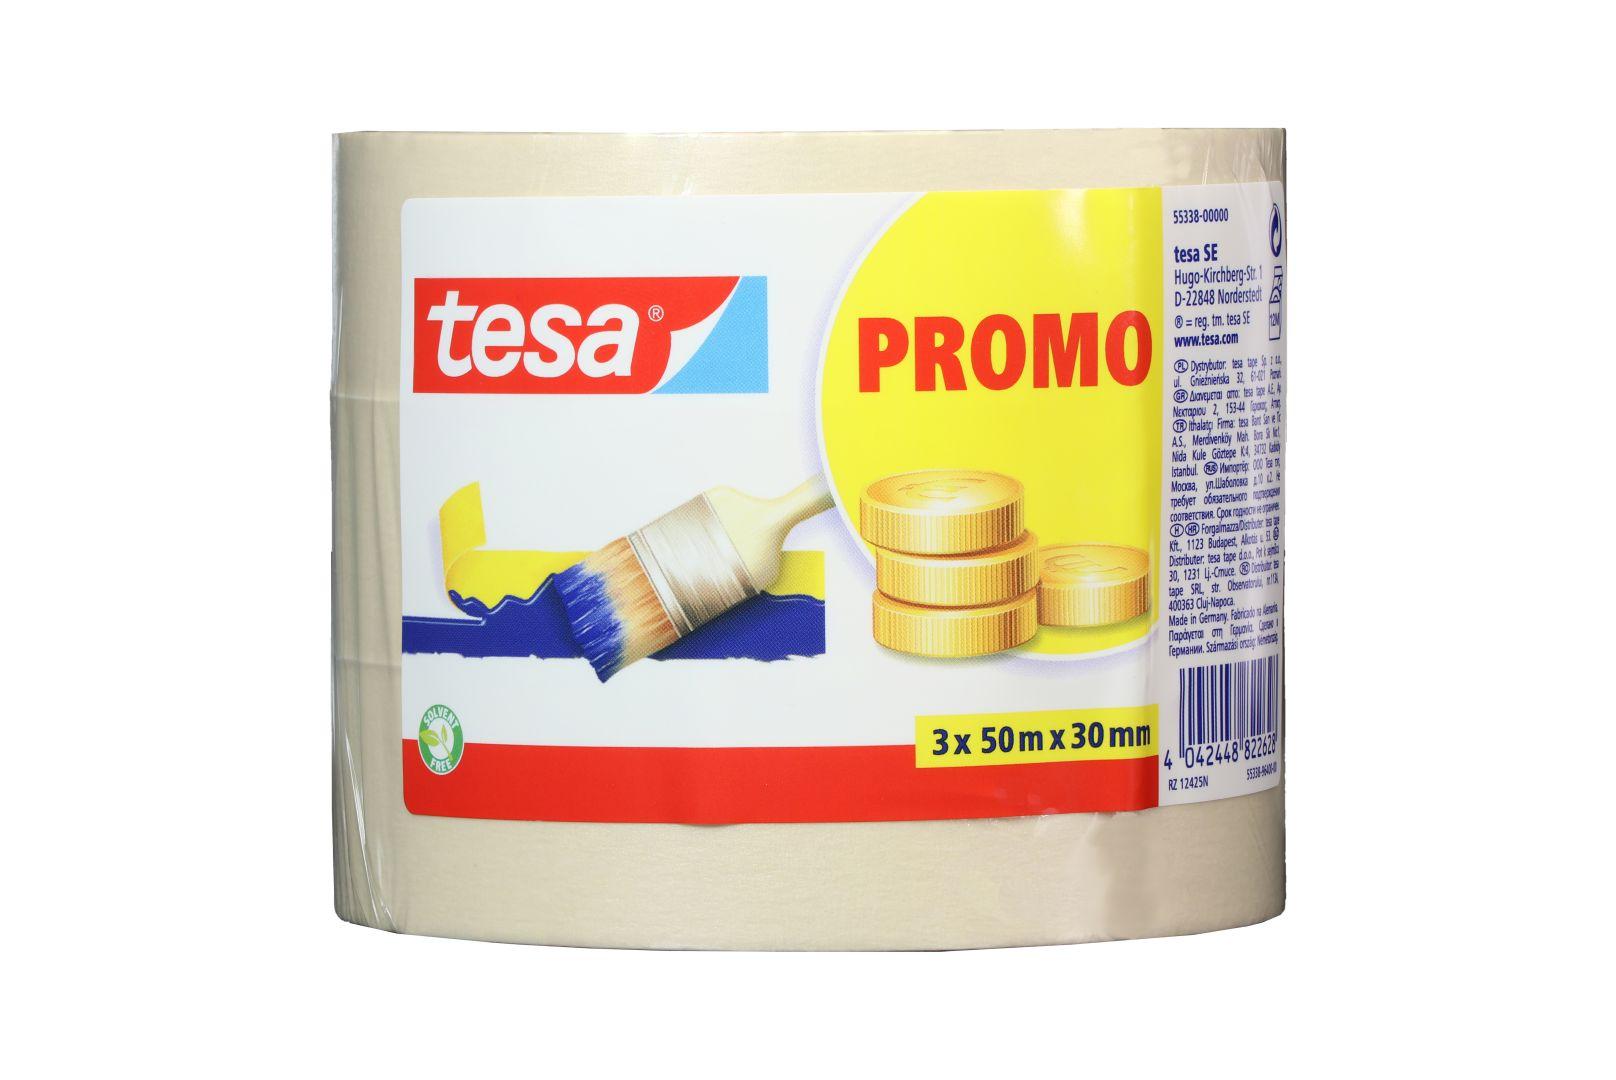 tesa UNIVERSAL, Malerband, Fixier- und Abdeckband, Kreppband, Papierabdeckband, 3er Pack, 3 x 50 m x 30 mm